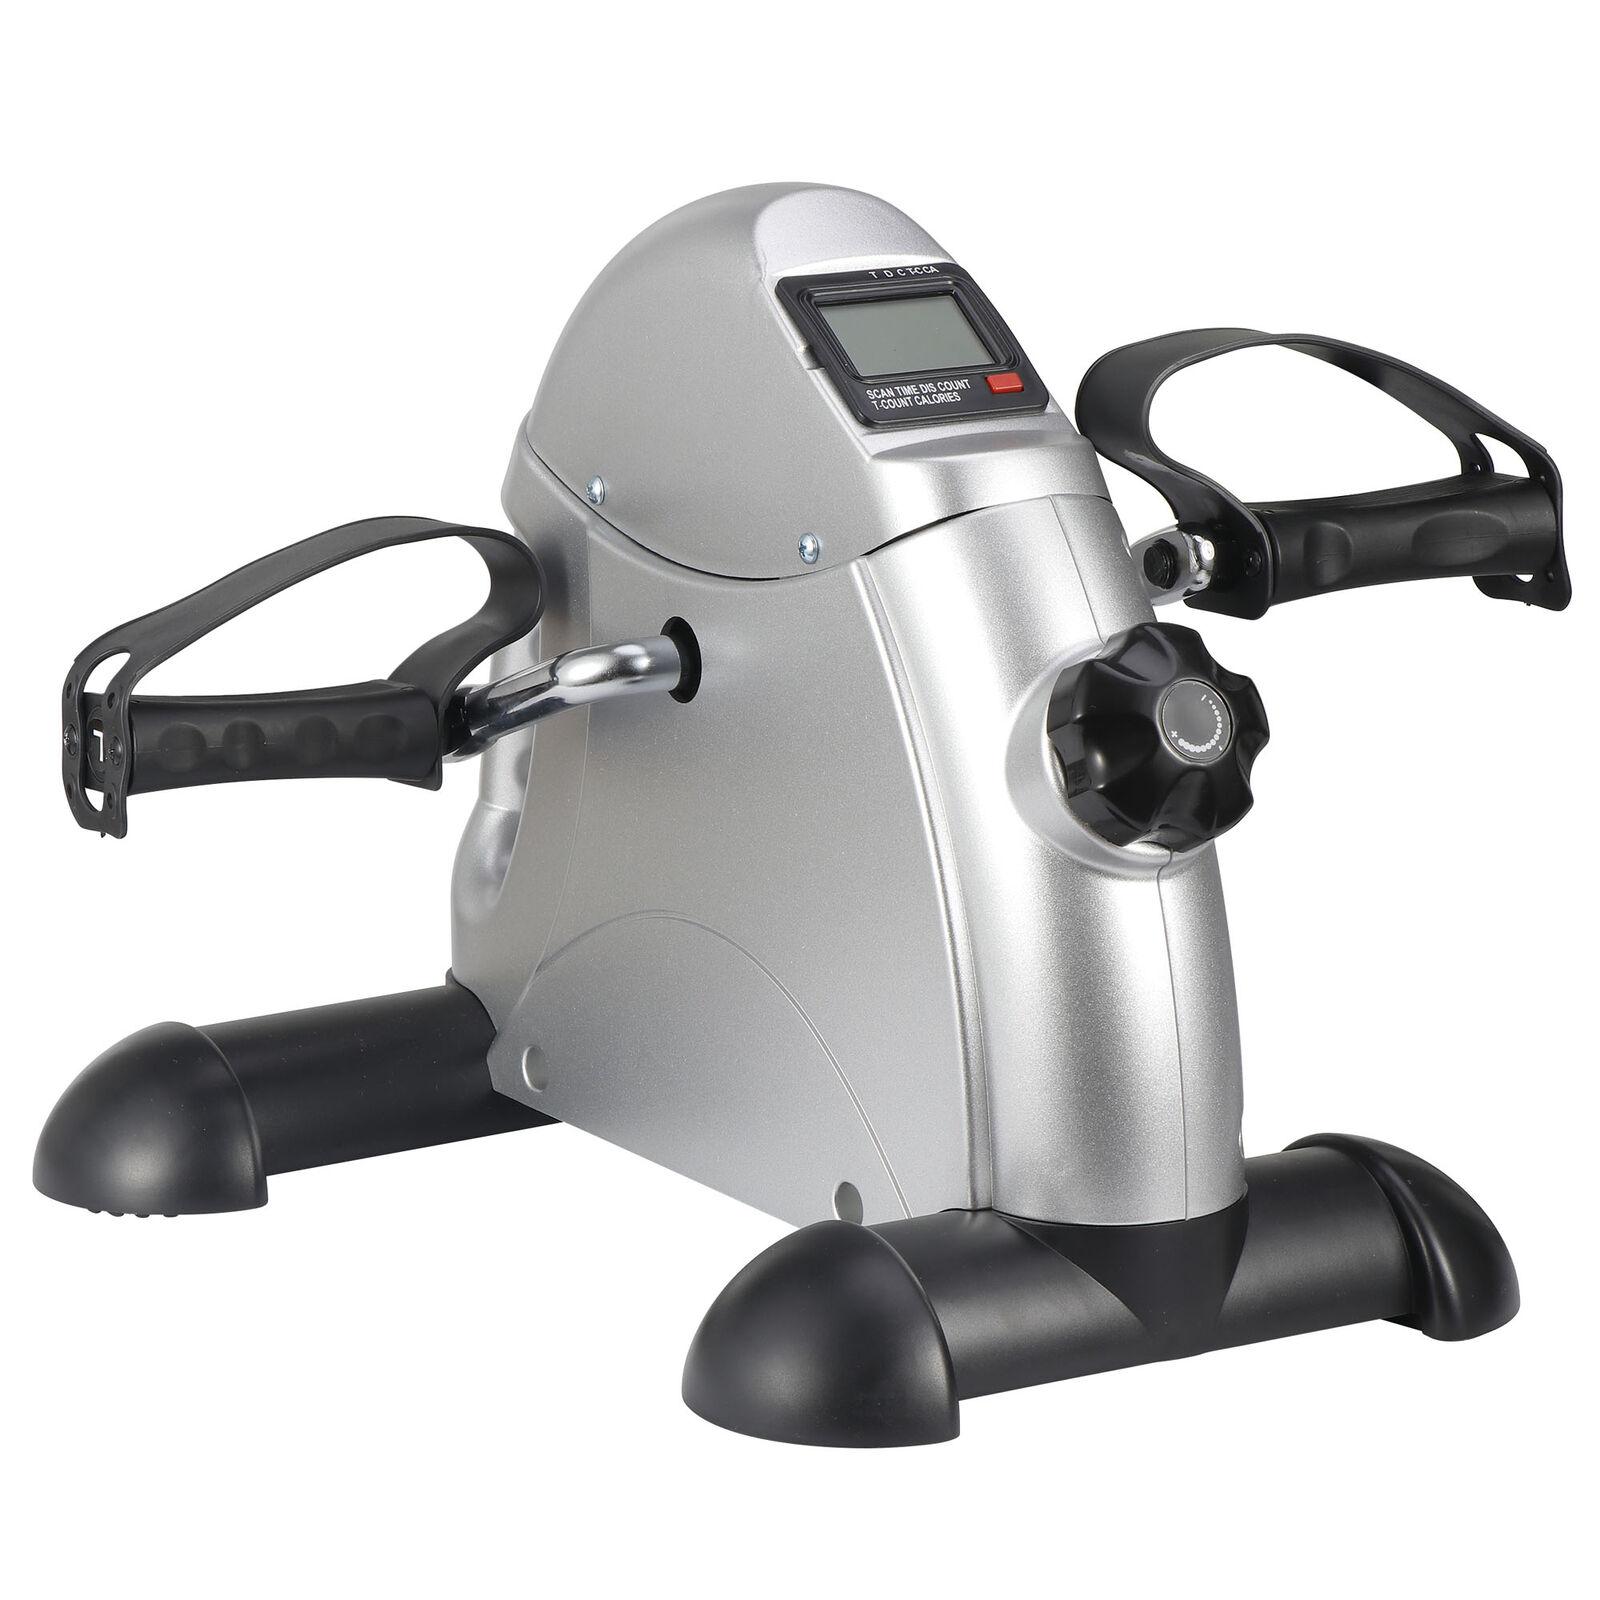 Health Fitness Bike Pedal Exerciser Under Desk Elliptical w/ 8 Levels Resistance 1